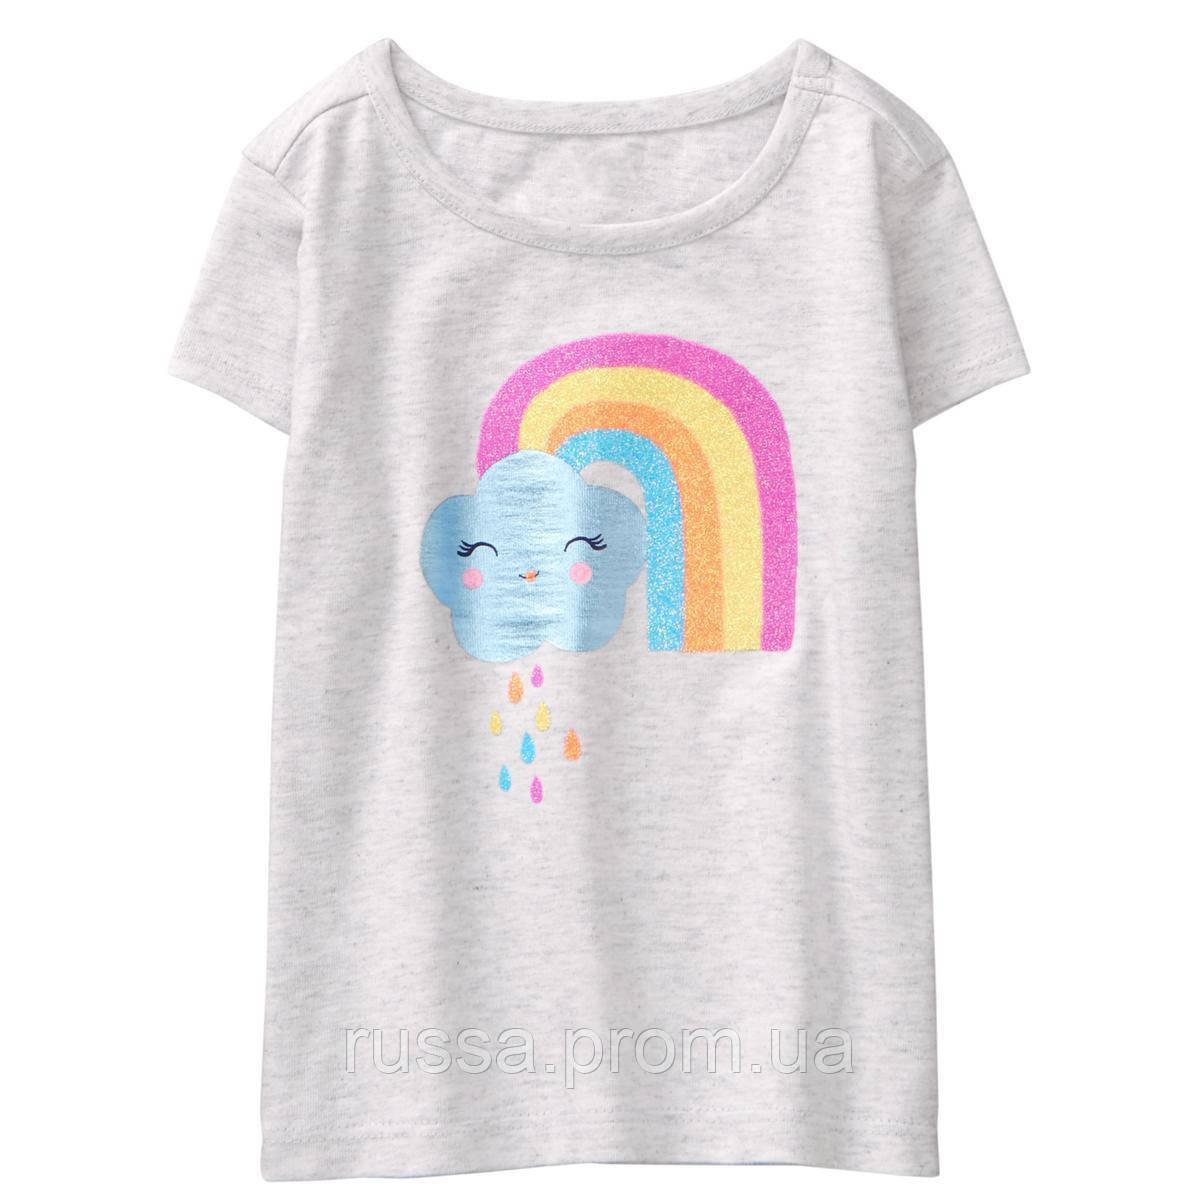 Детская летняя блестящая футболочка Gymboree для девочки